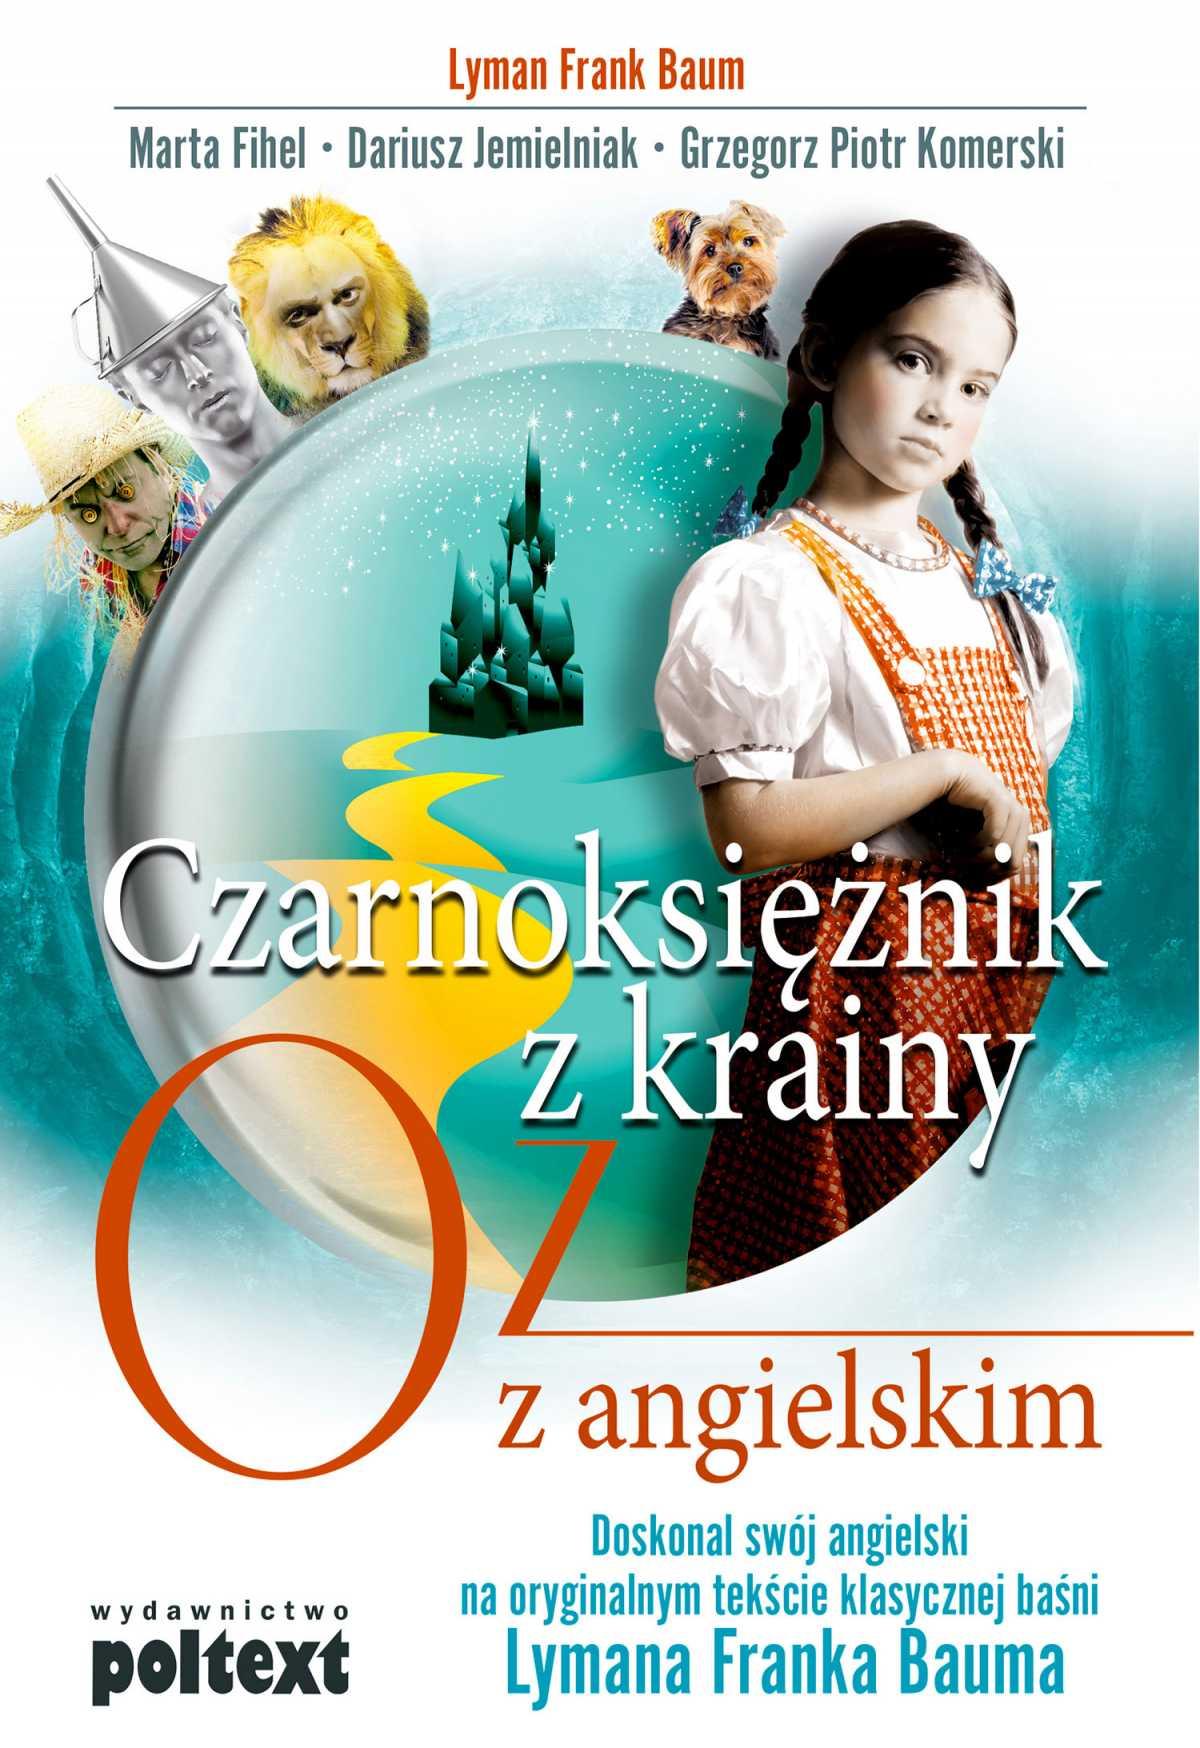 Czarnoksiężnik z krainy Oz z angielskim - Ebook (Książka na Kindle) do pobrania w formacie MOBI